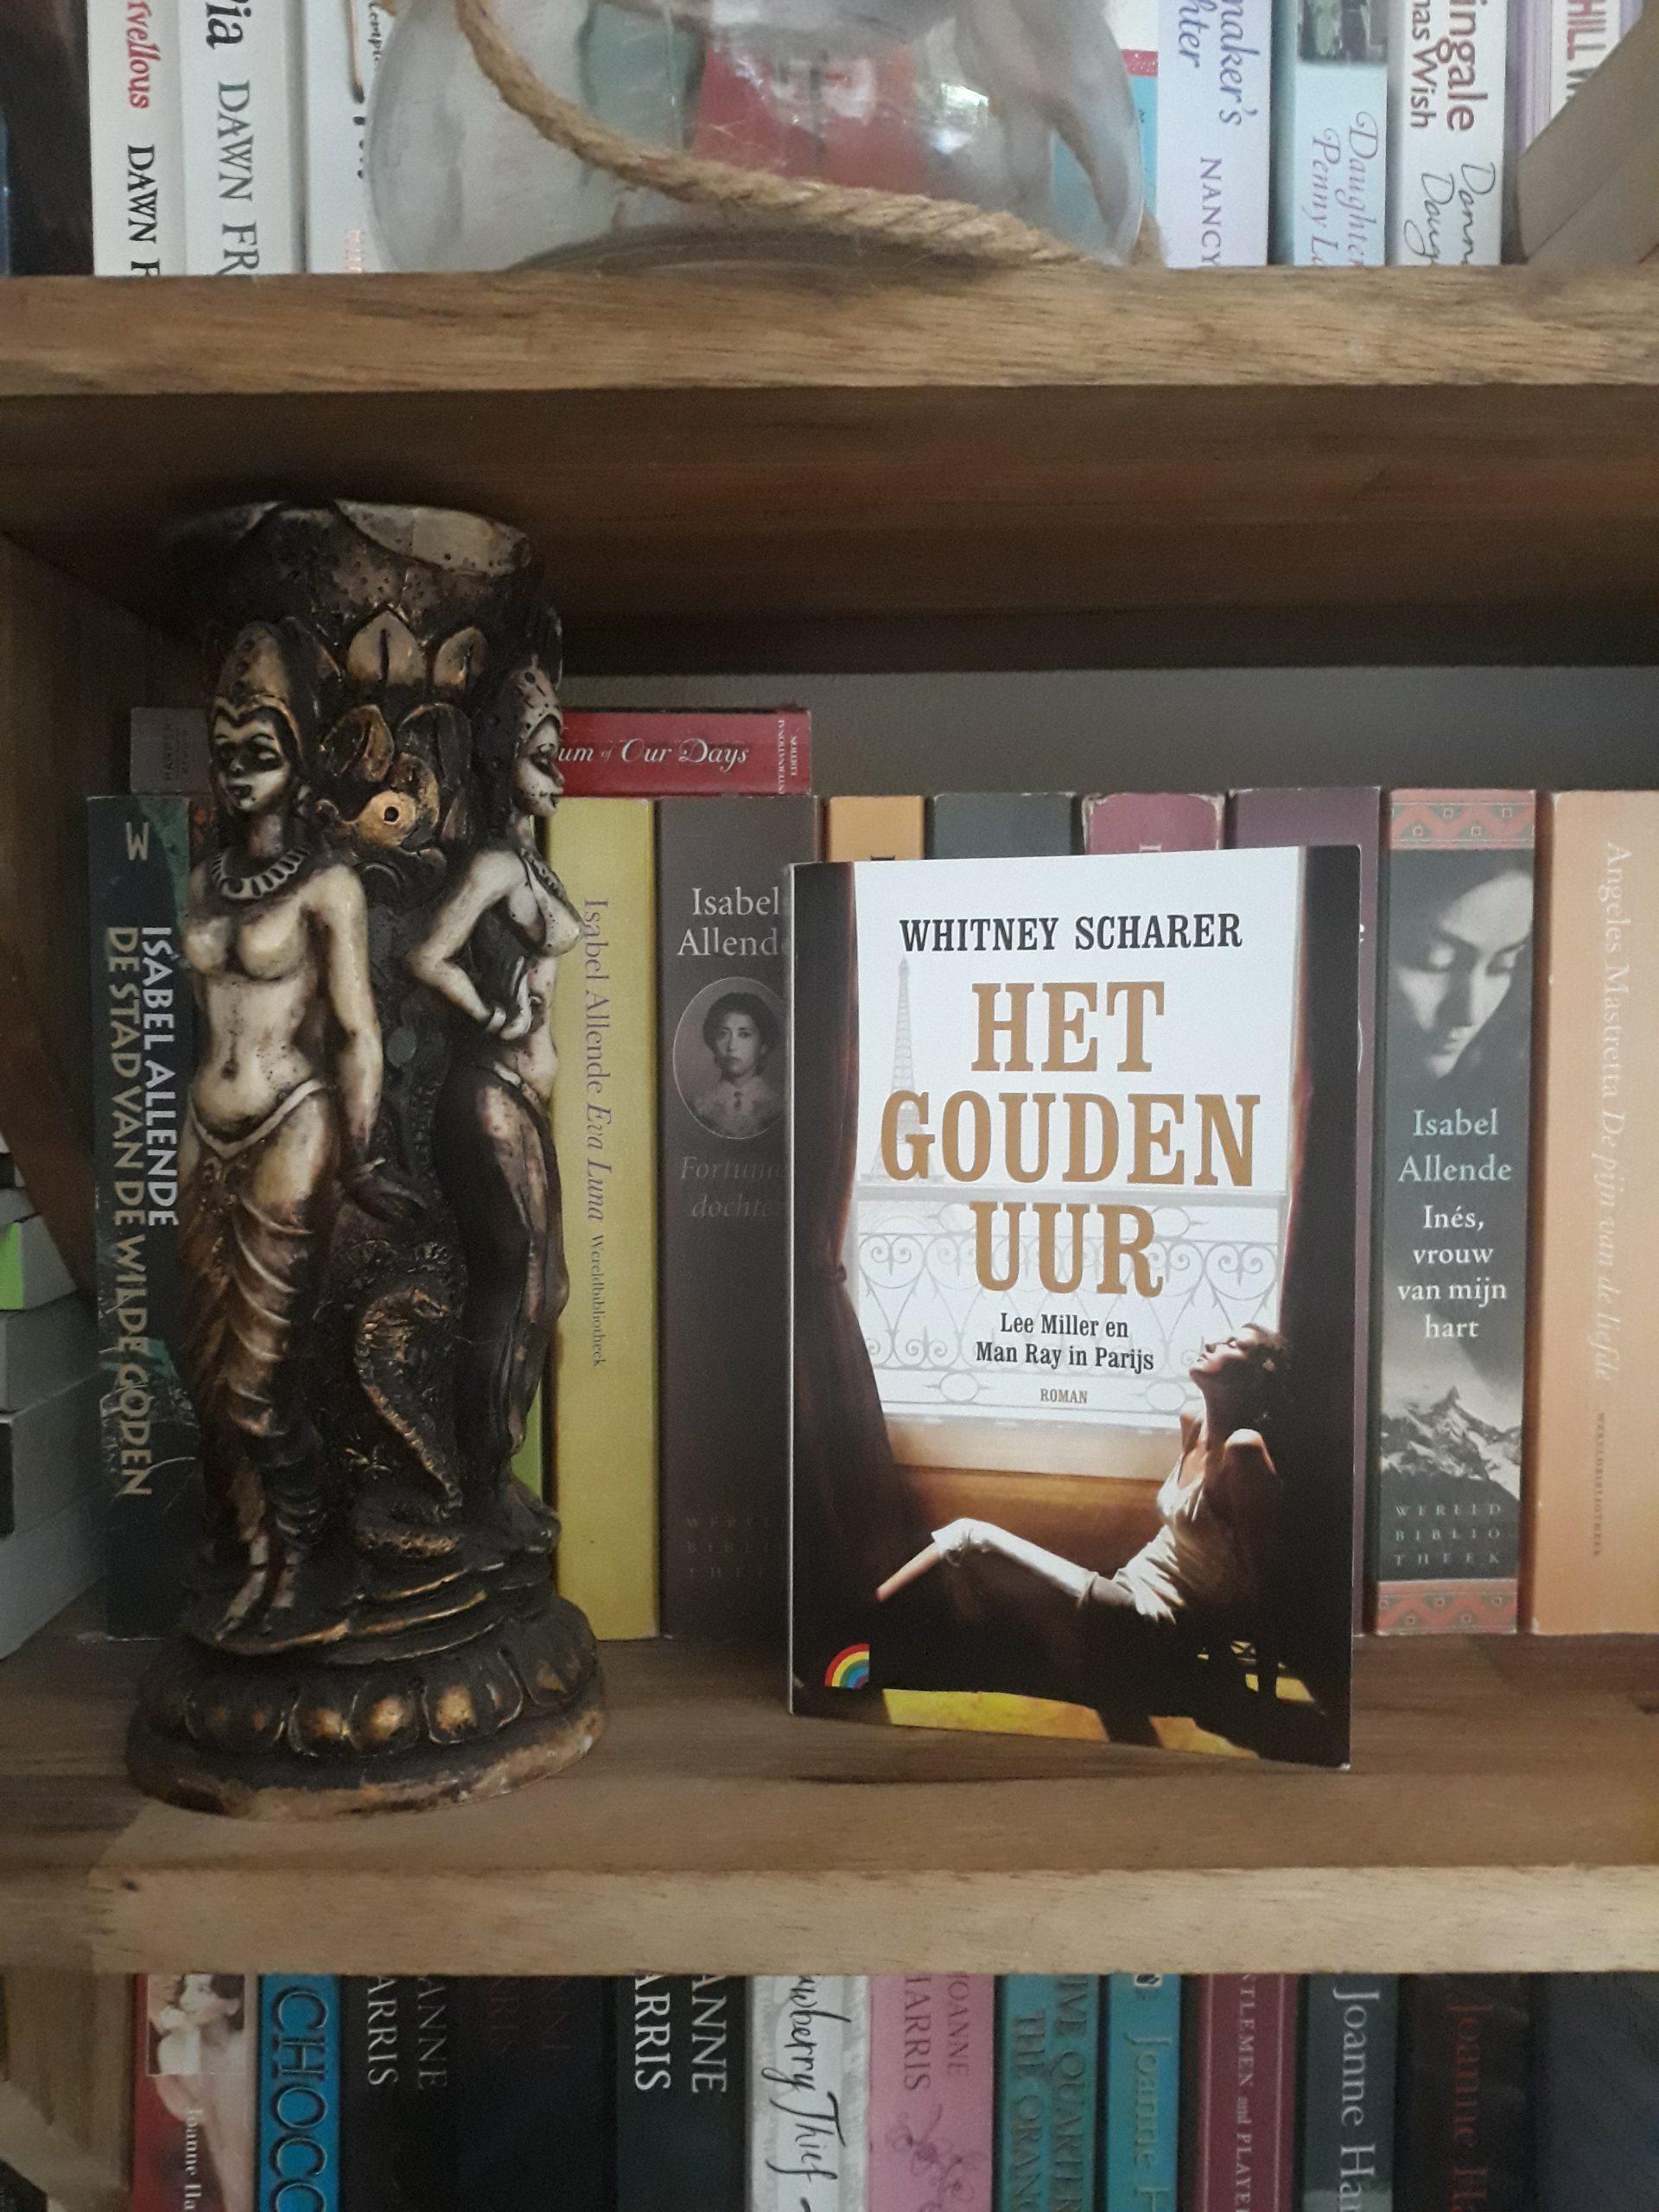 Boekrecensie: Het gouden uur – Whitney Scharer